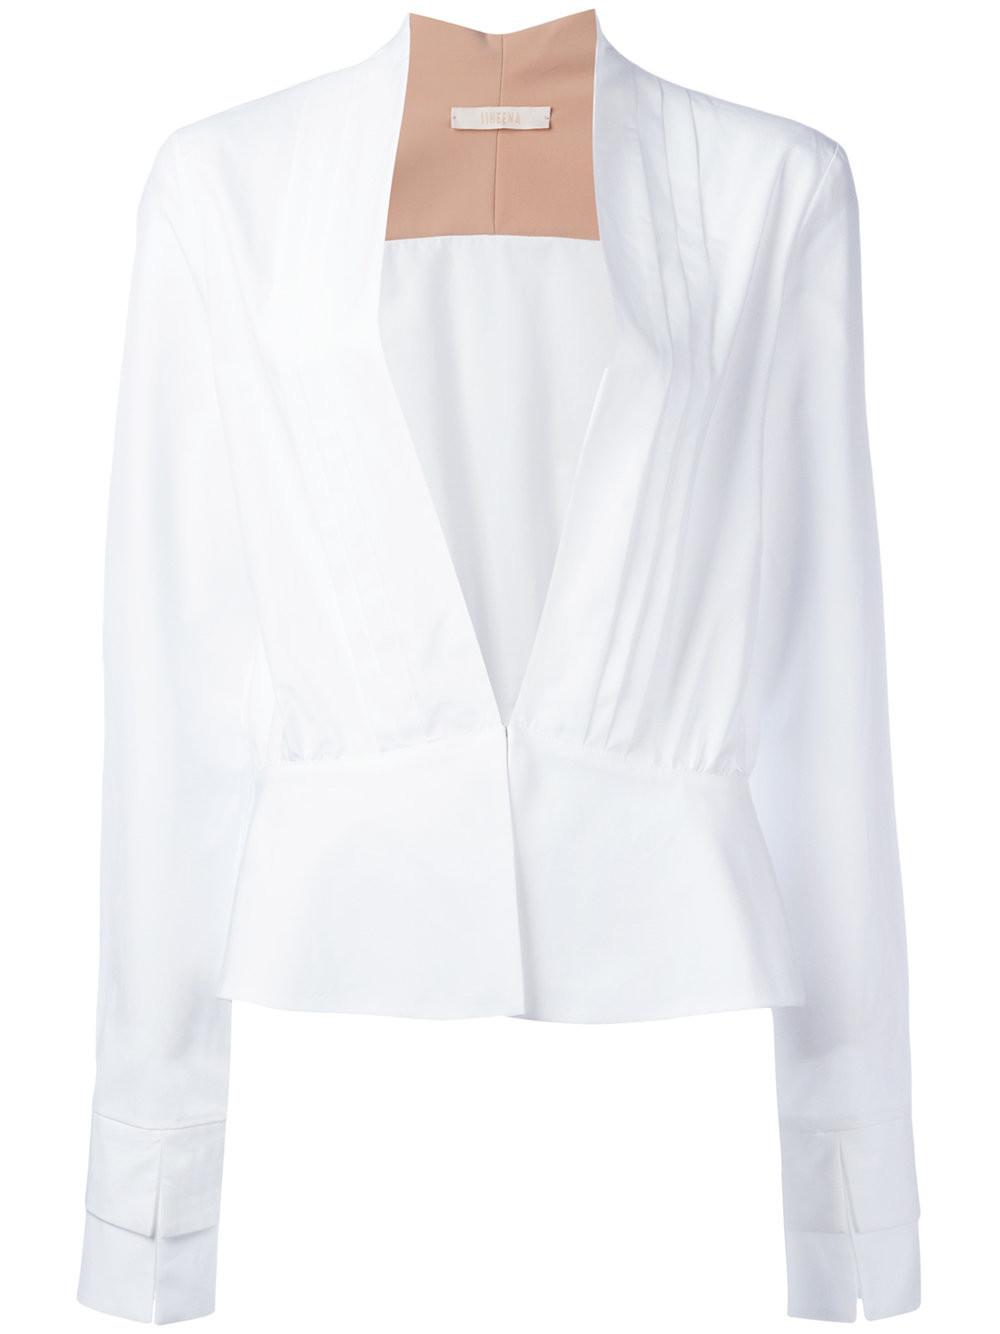 Блузки Белые Хлопок Купить